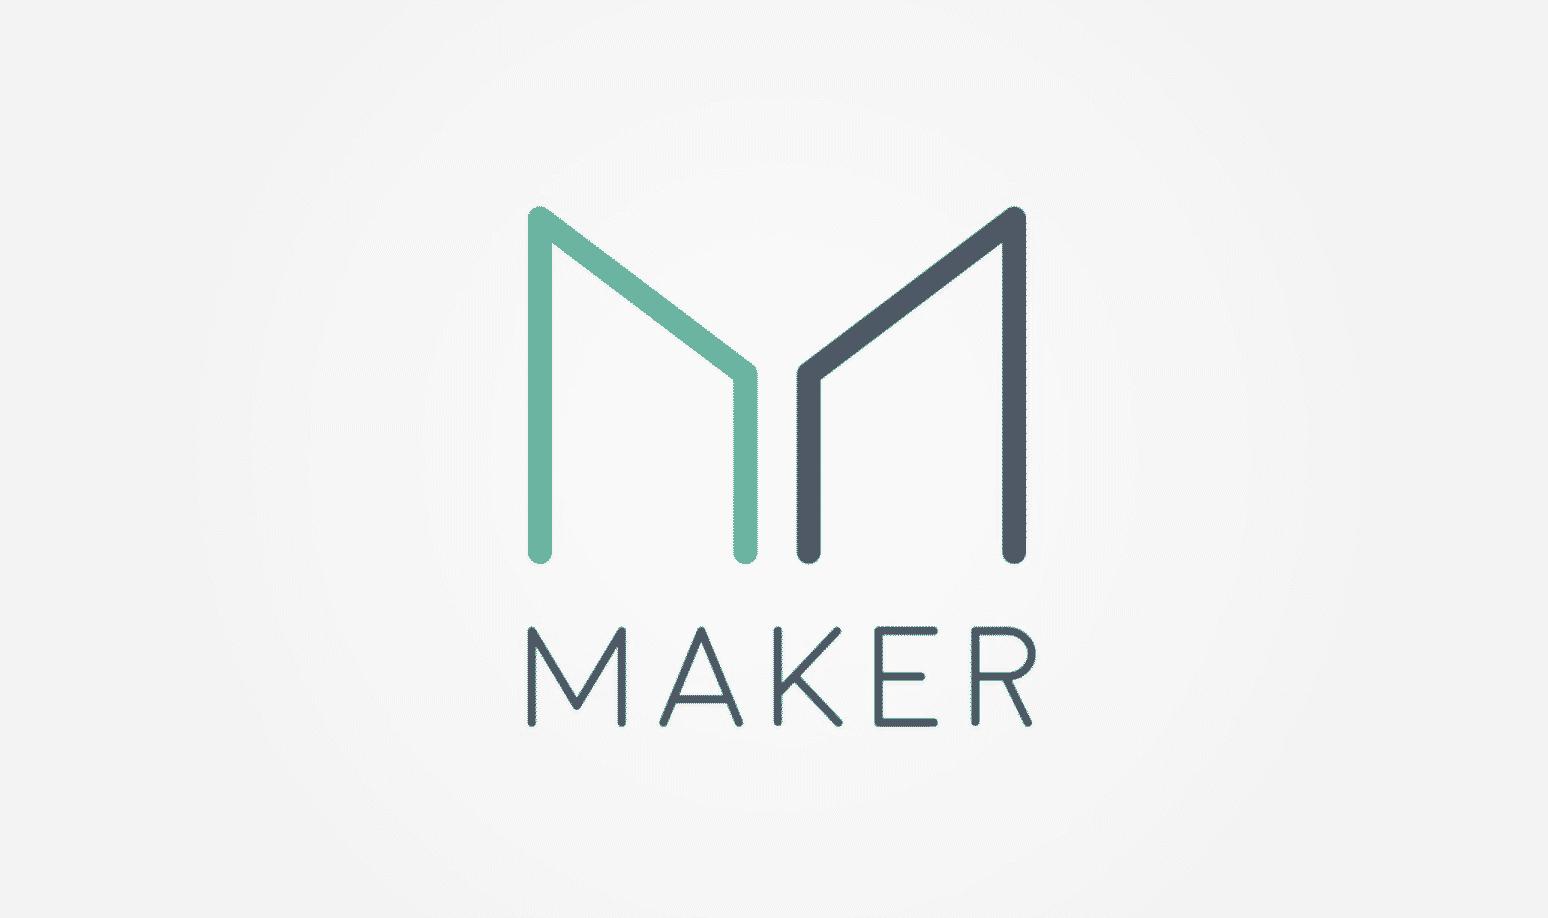 Maker(メイカー)とは|仮想通貨の特徴・価格・チャート・取引所